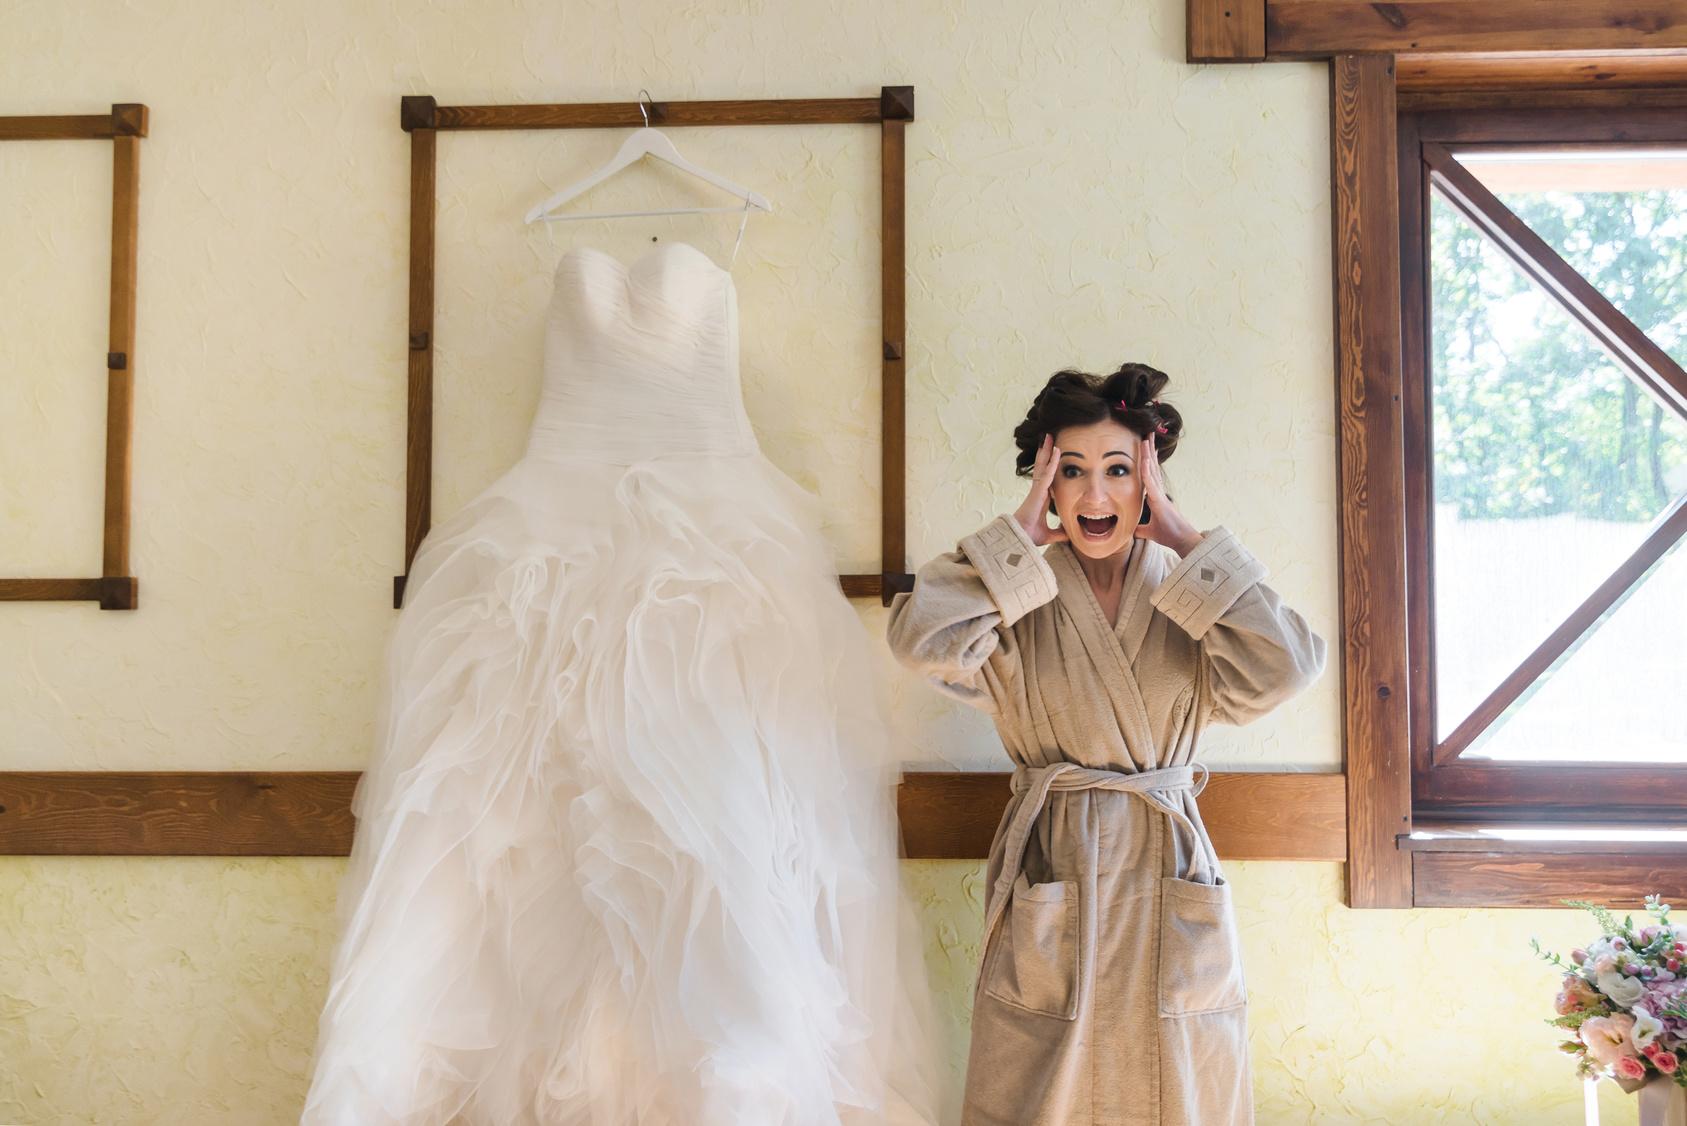 Panna Młoda w dniu ślubu, Panna Młoda podczas przygotowań do ślubu